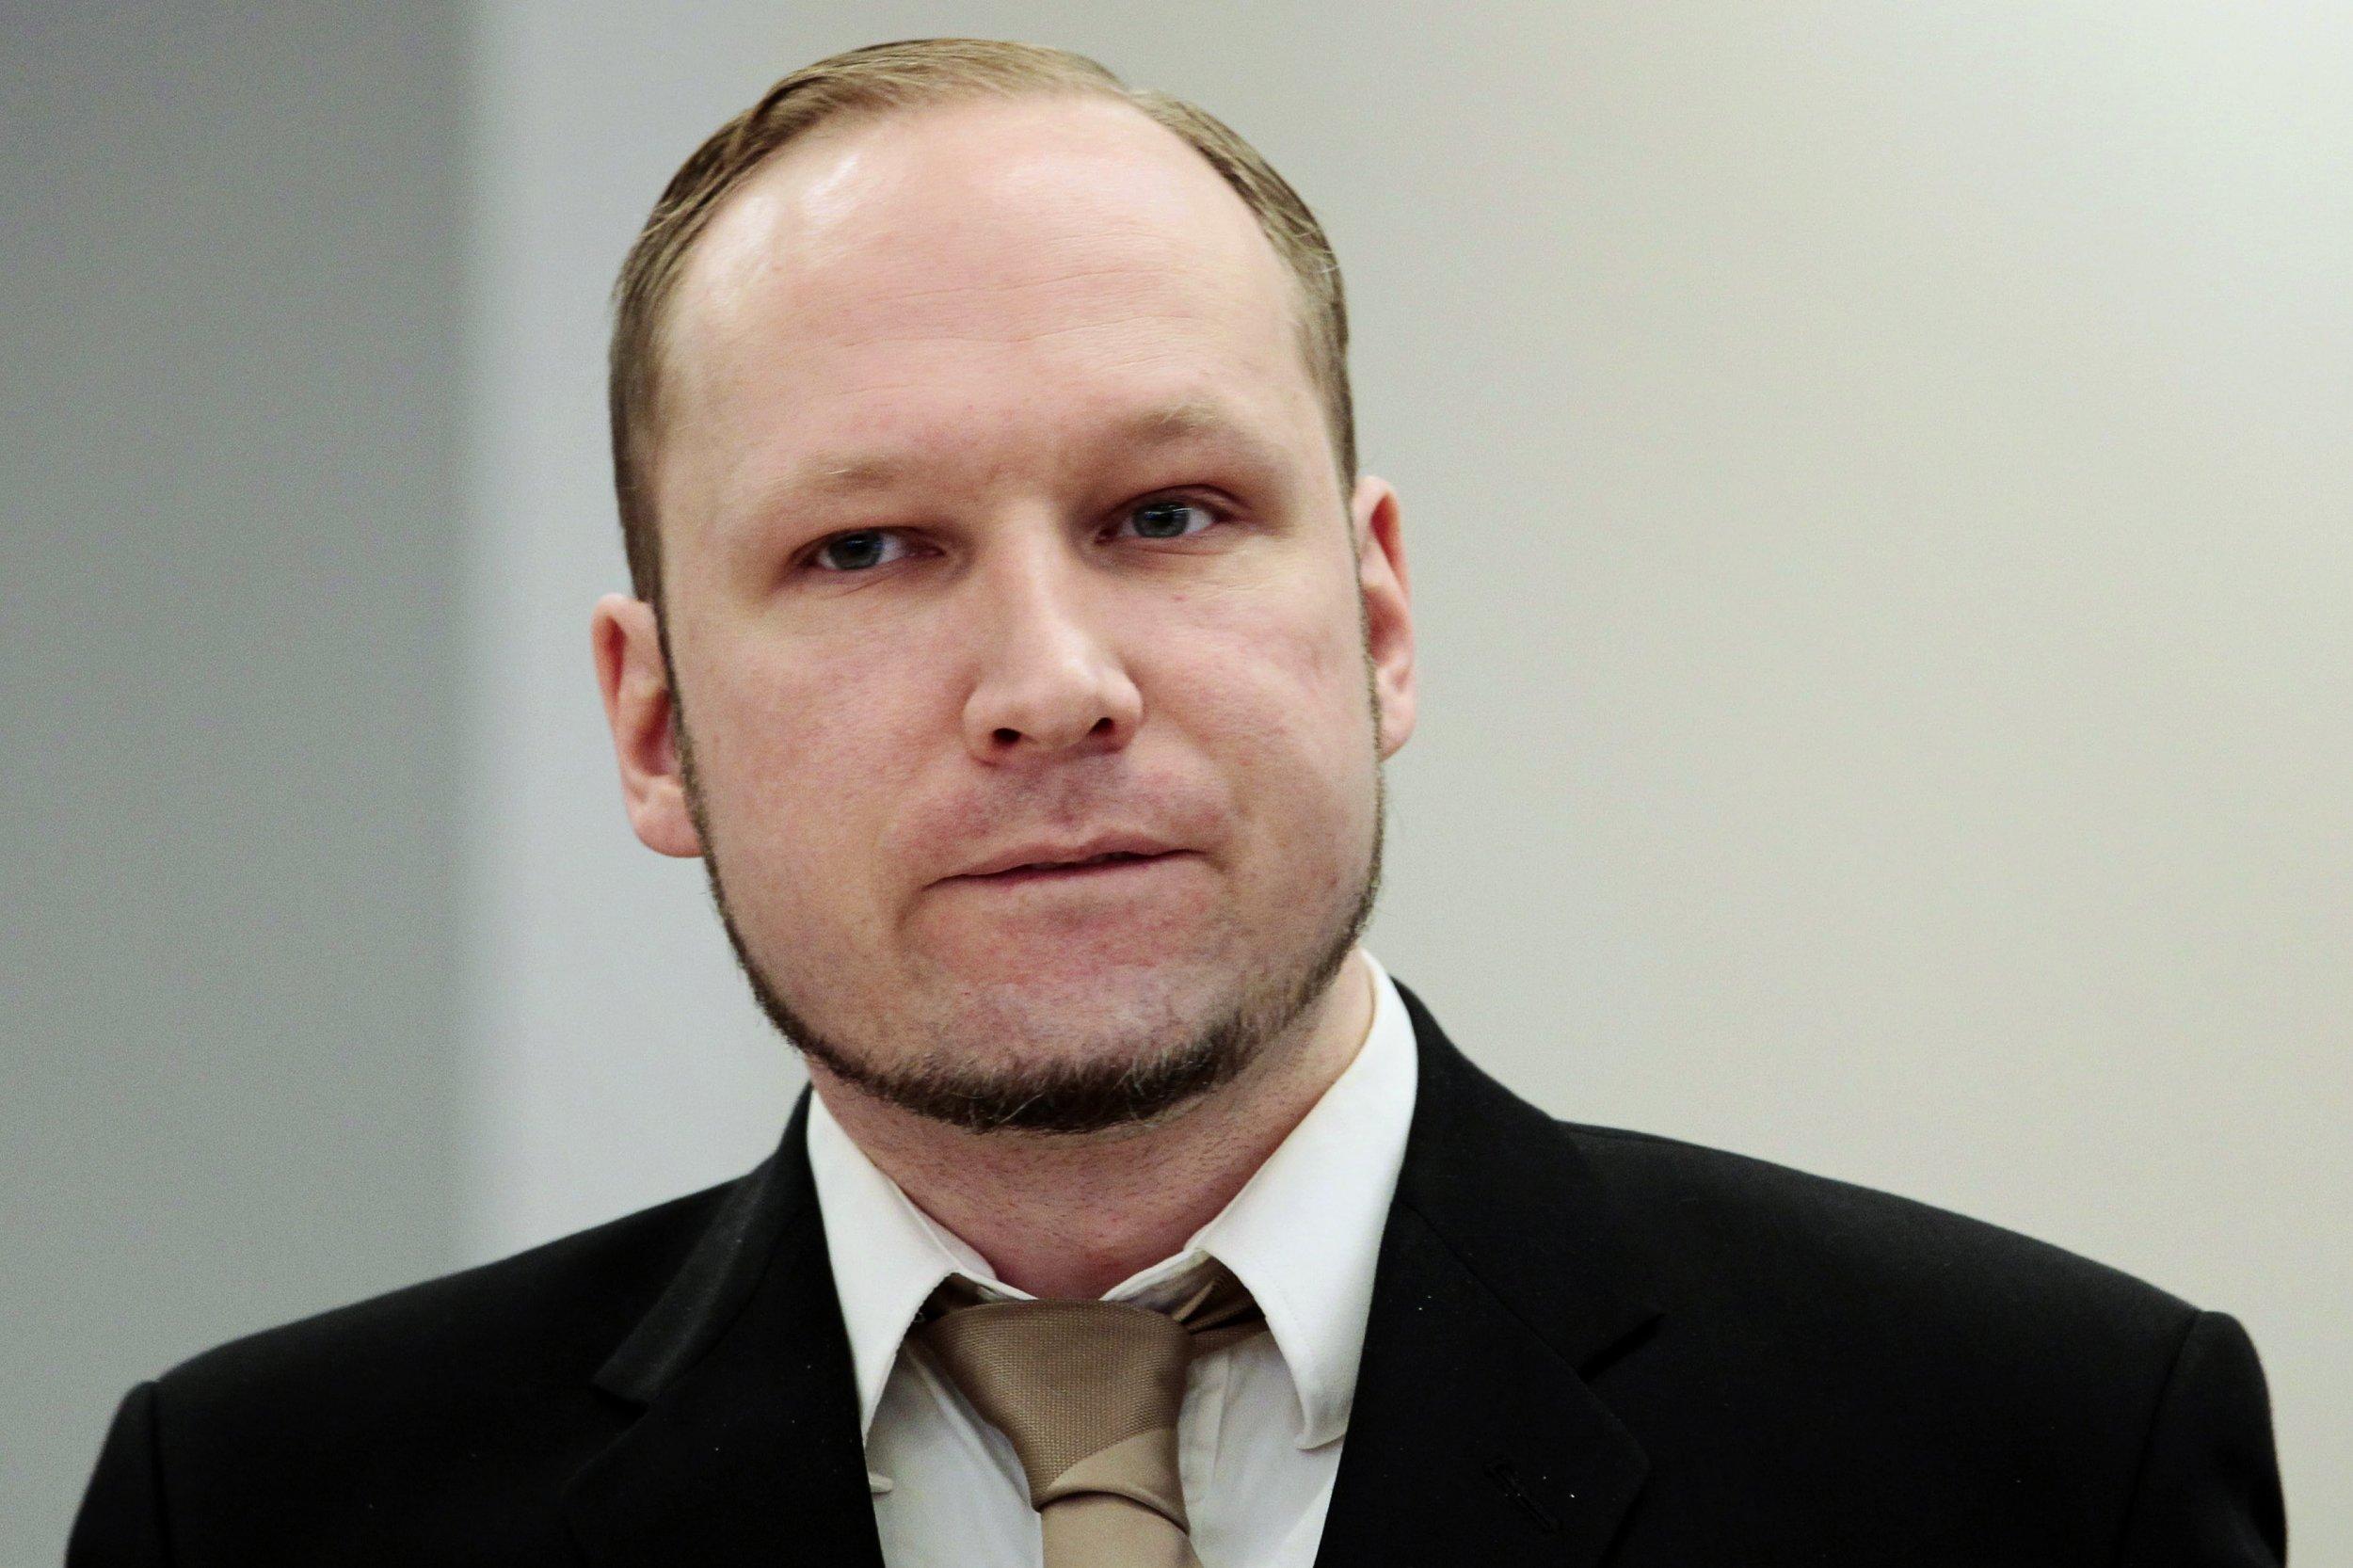 Breivik Photo: Norway To Appeal Anders Breivik Human Rights Verdict